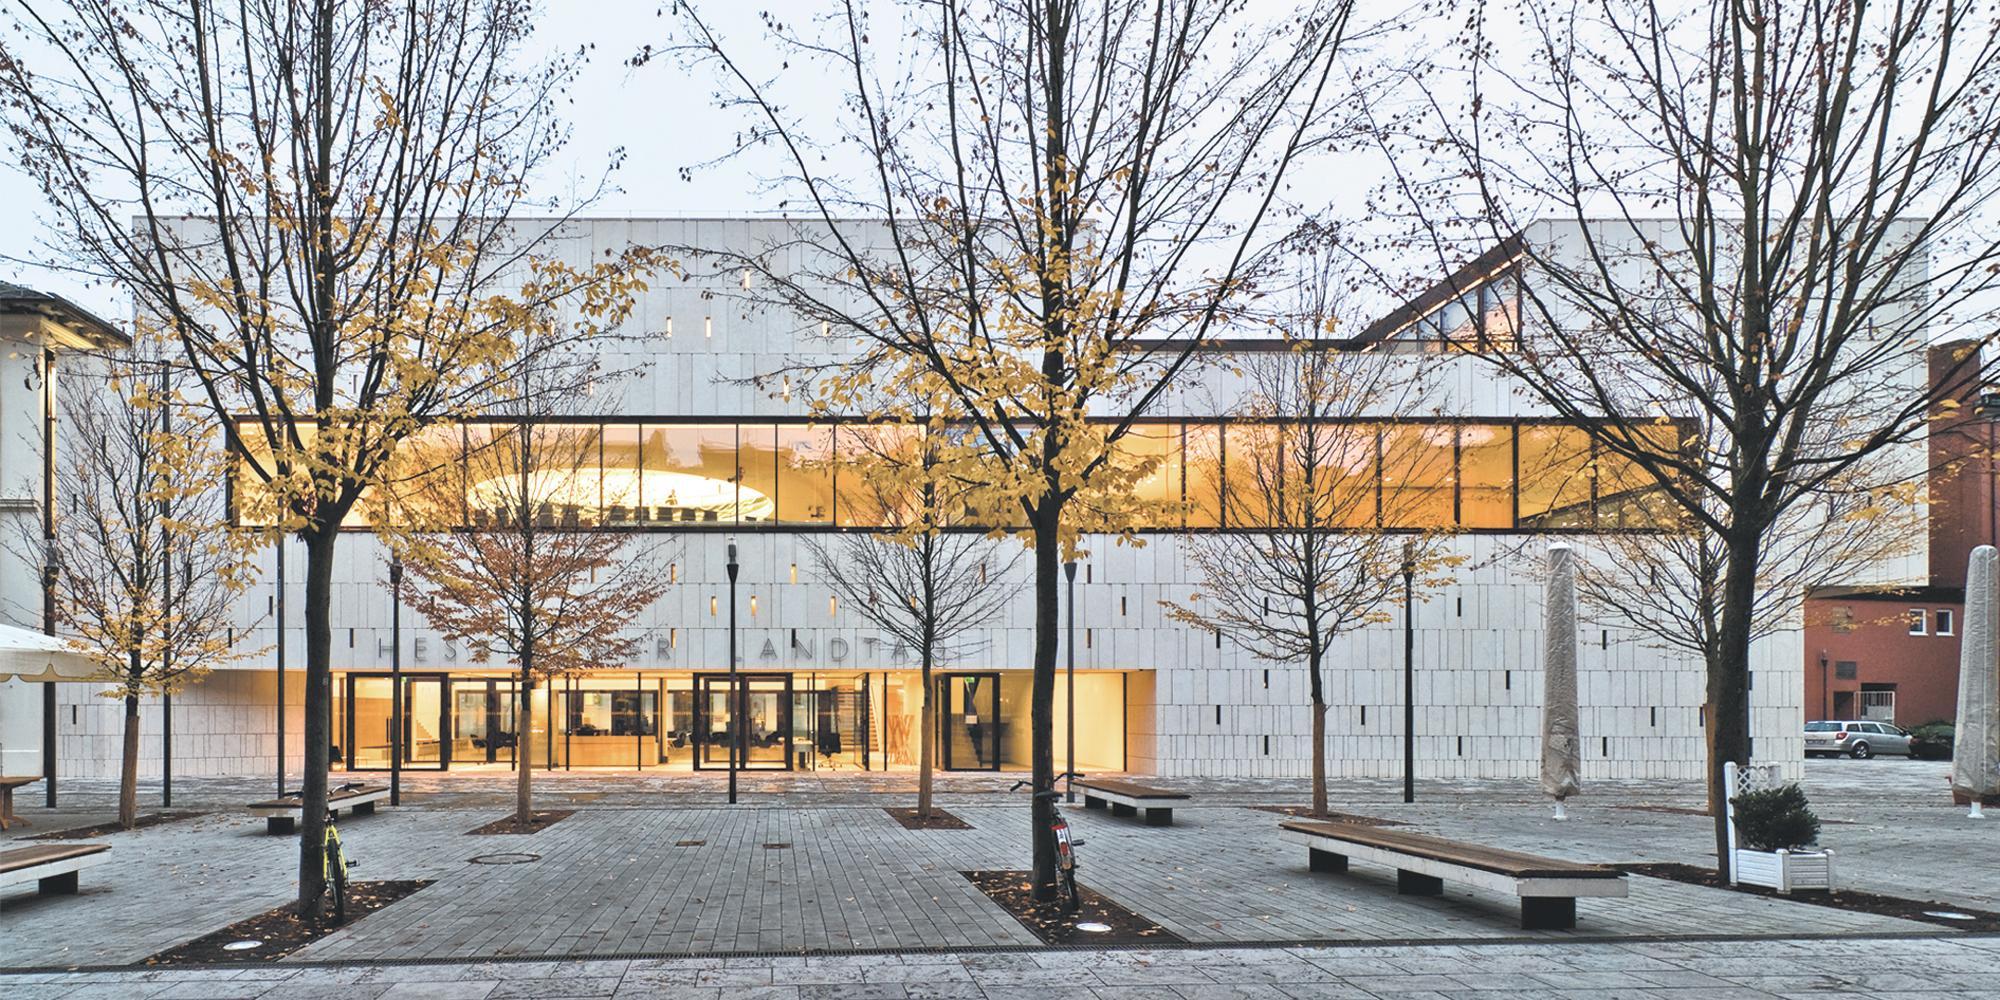 Plenarsaalgebäude Hessischer Landtag Fassade